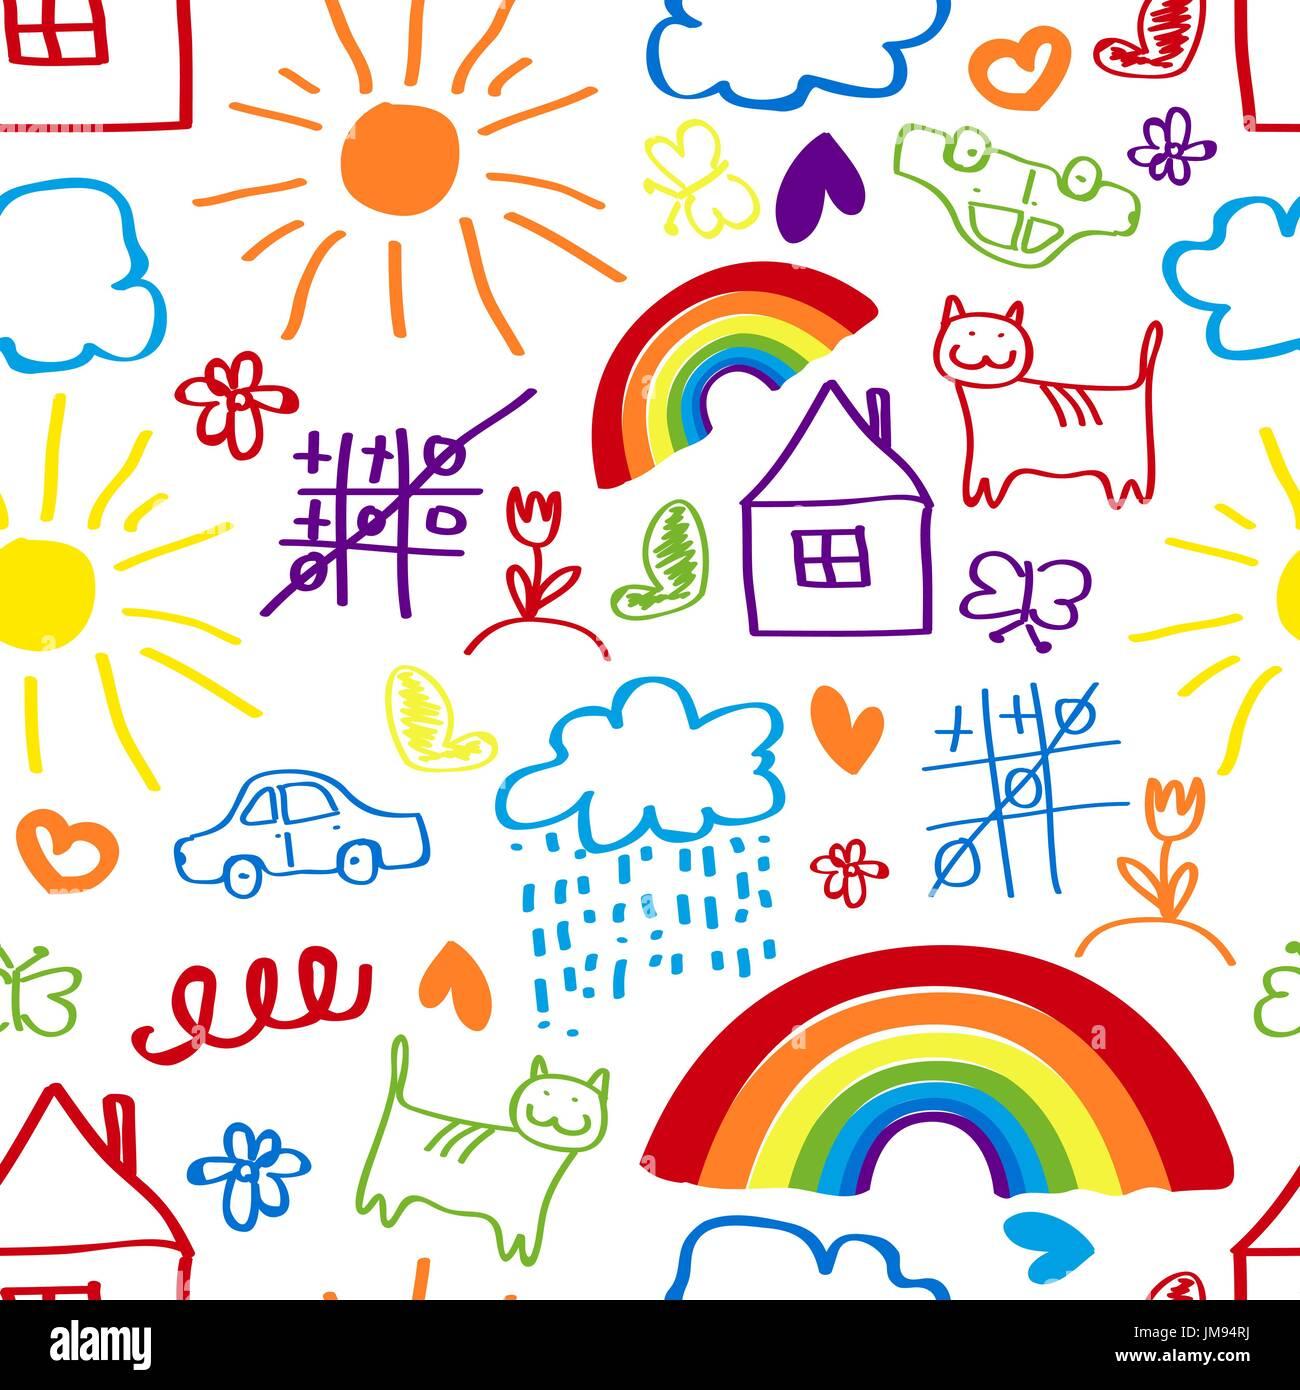 Kinder Malen Hintergrund Zeichnung Eines Kindes Musterdesign Vektor